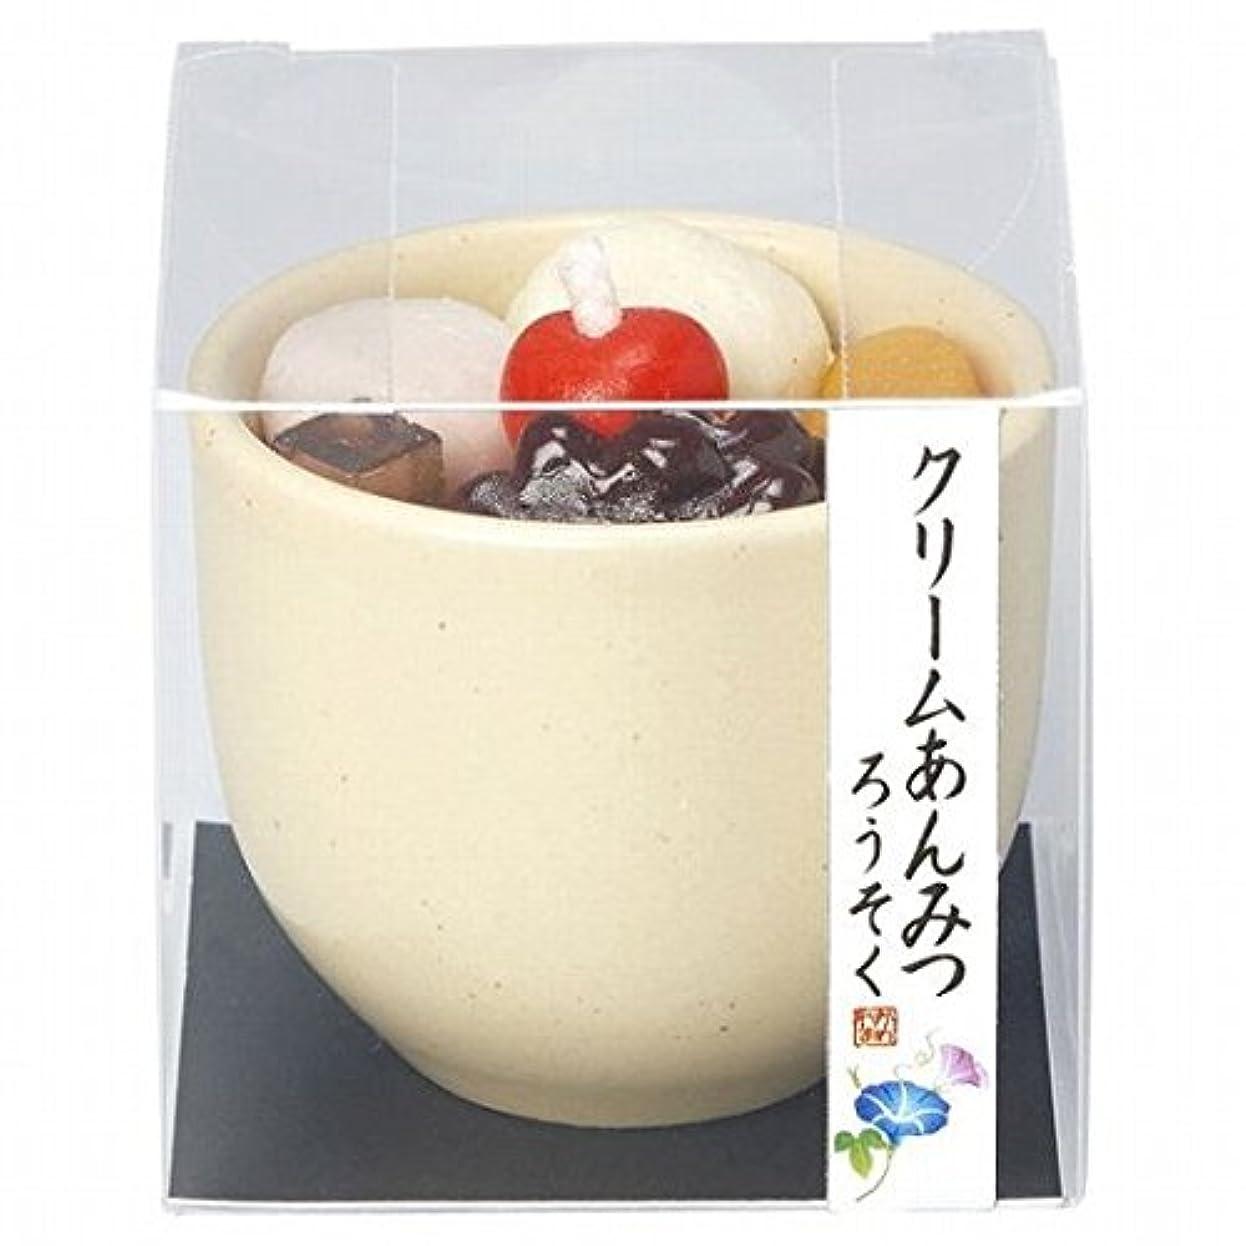 特権的変位ラフトkameyama candle(カメヤマキャンドル) クリームあんみつキャンドル(86220000)